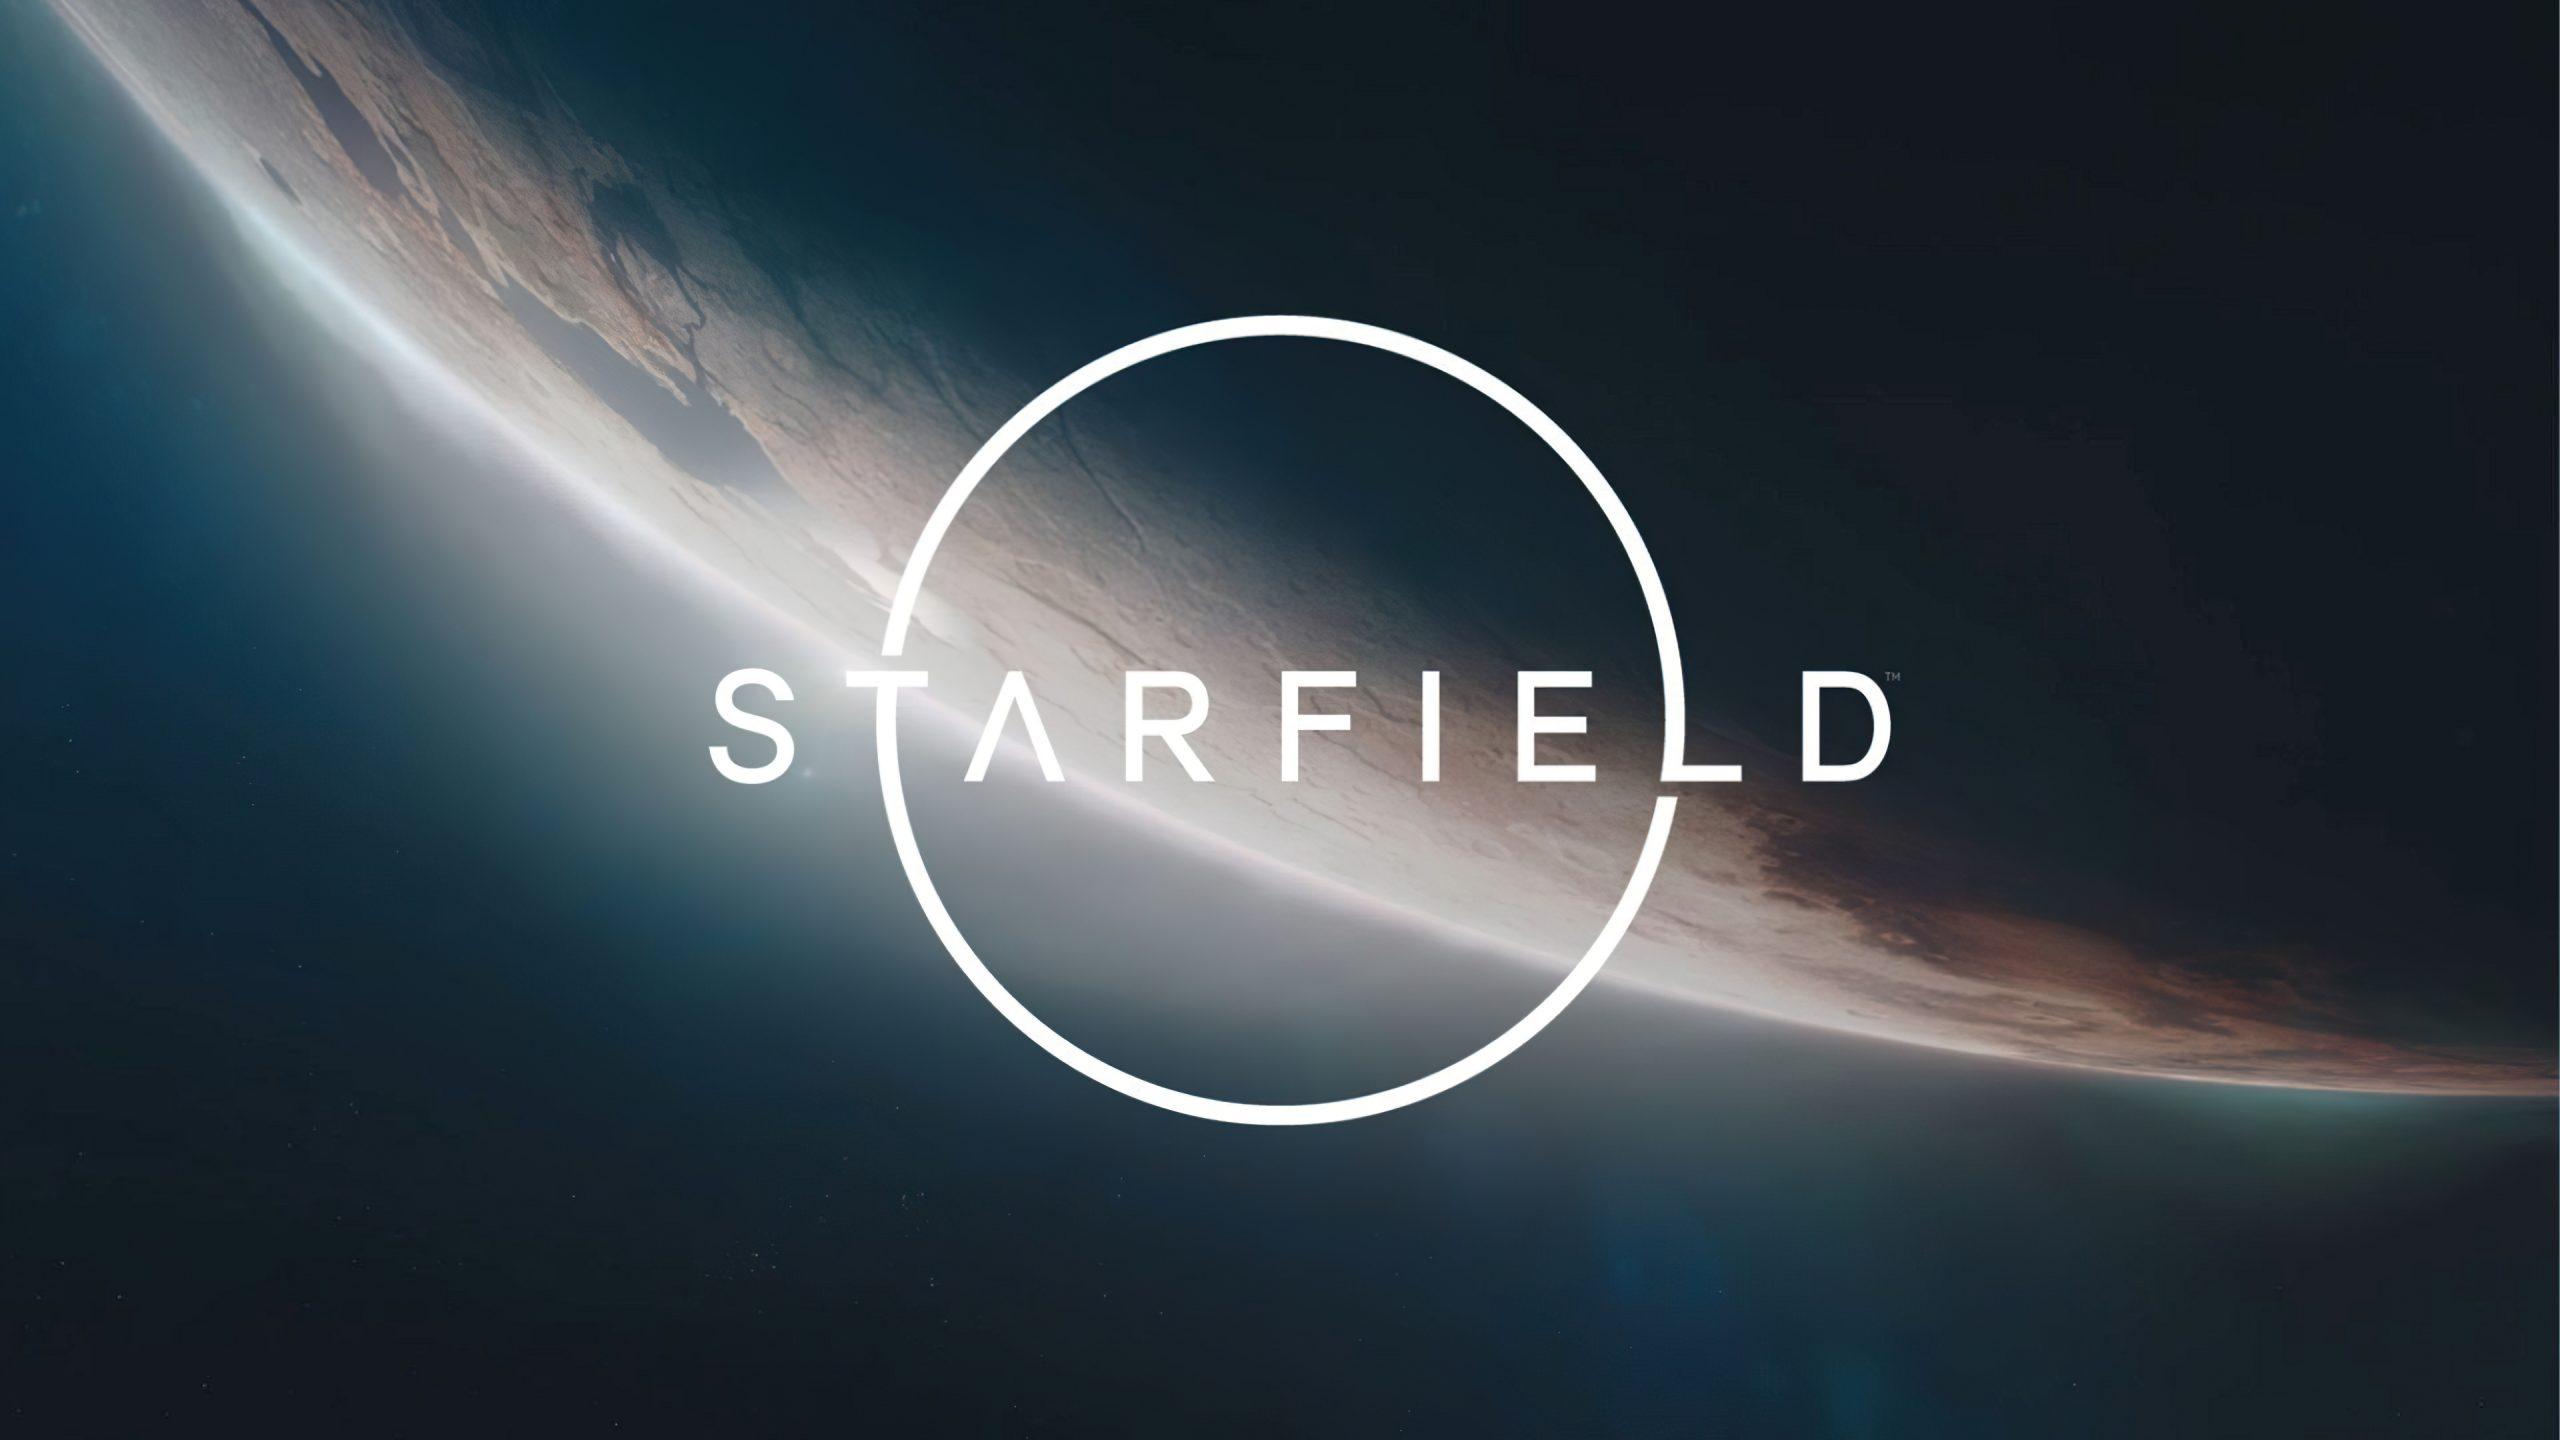 starfield 2